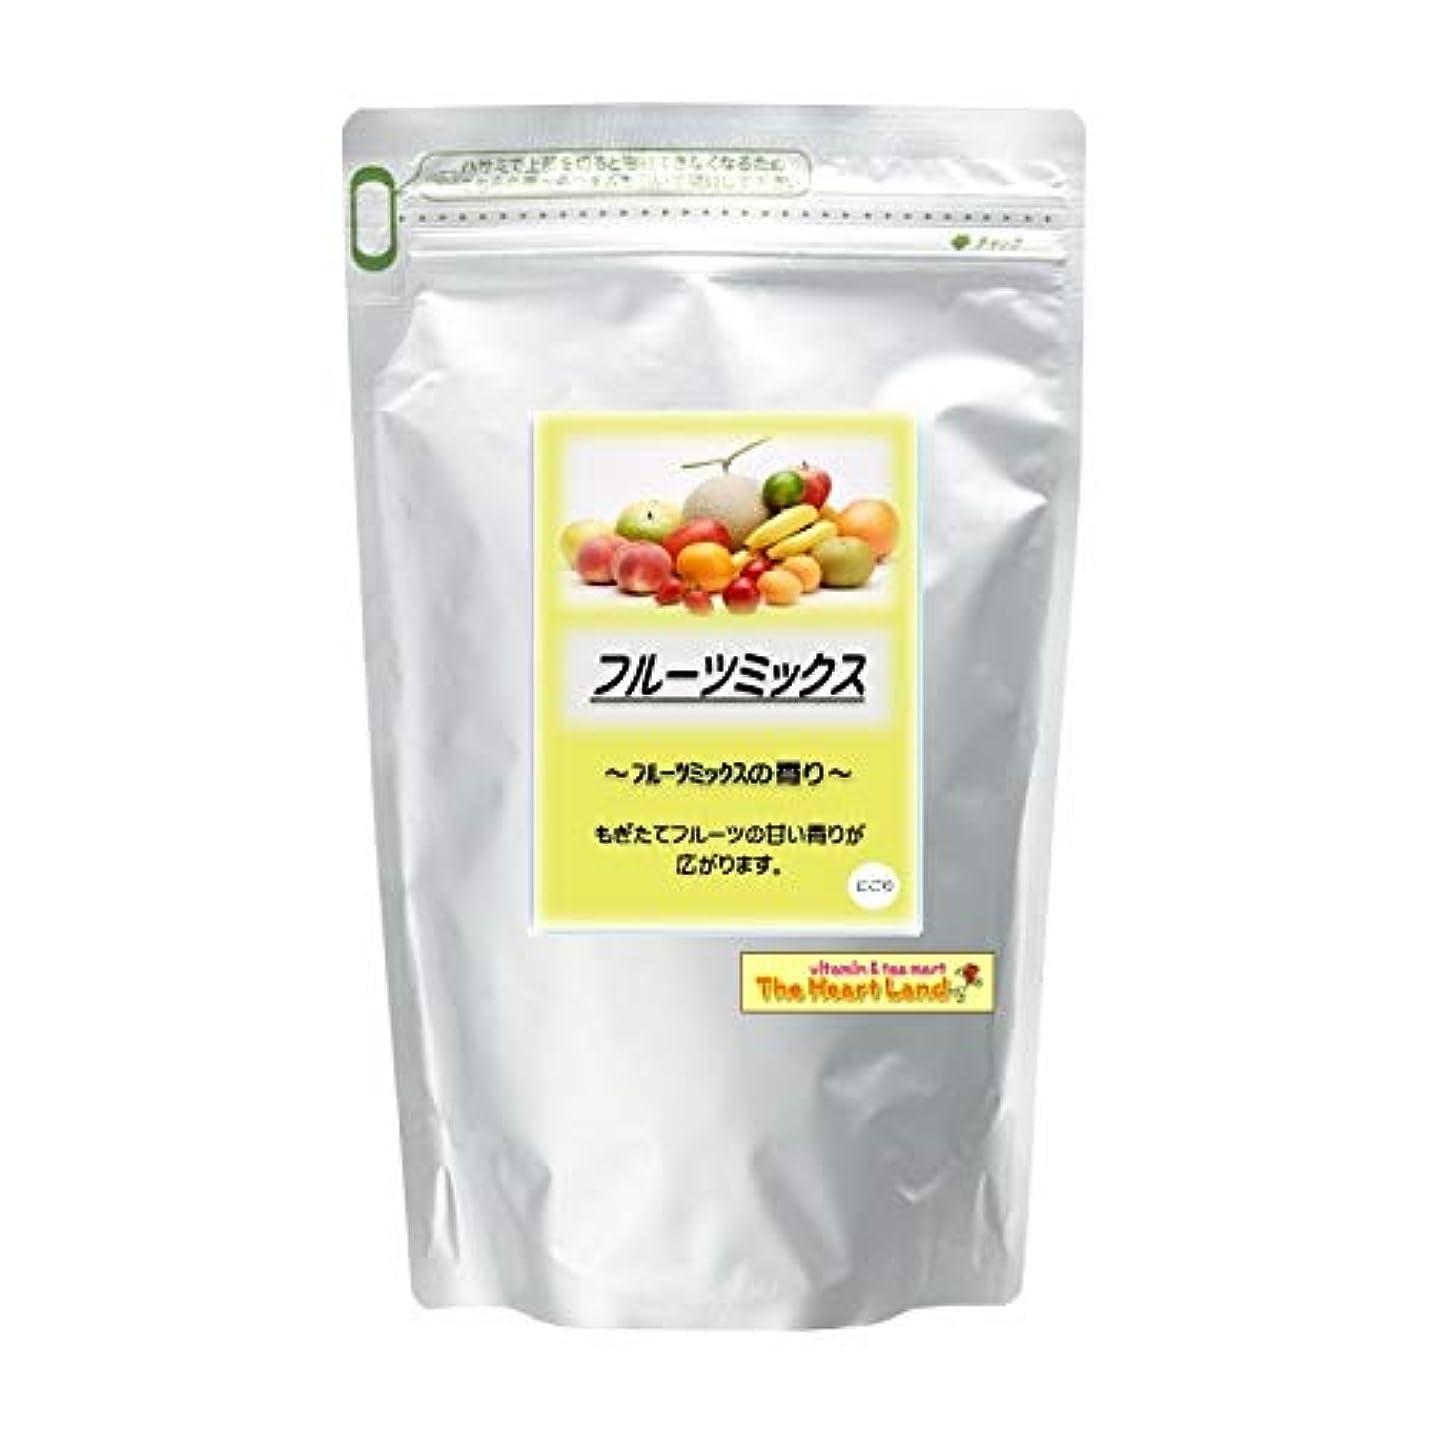 意義引き出し喉頭アサヒ入浴剤 浴用入浴化粧品 フルーツミックス 2.5kg